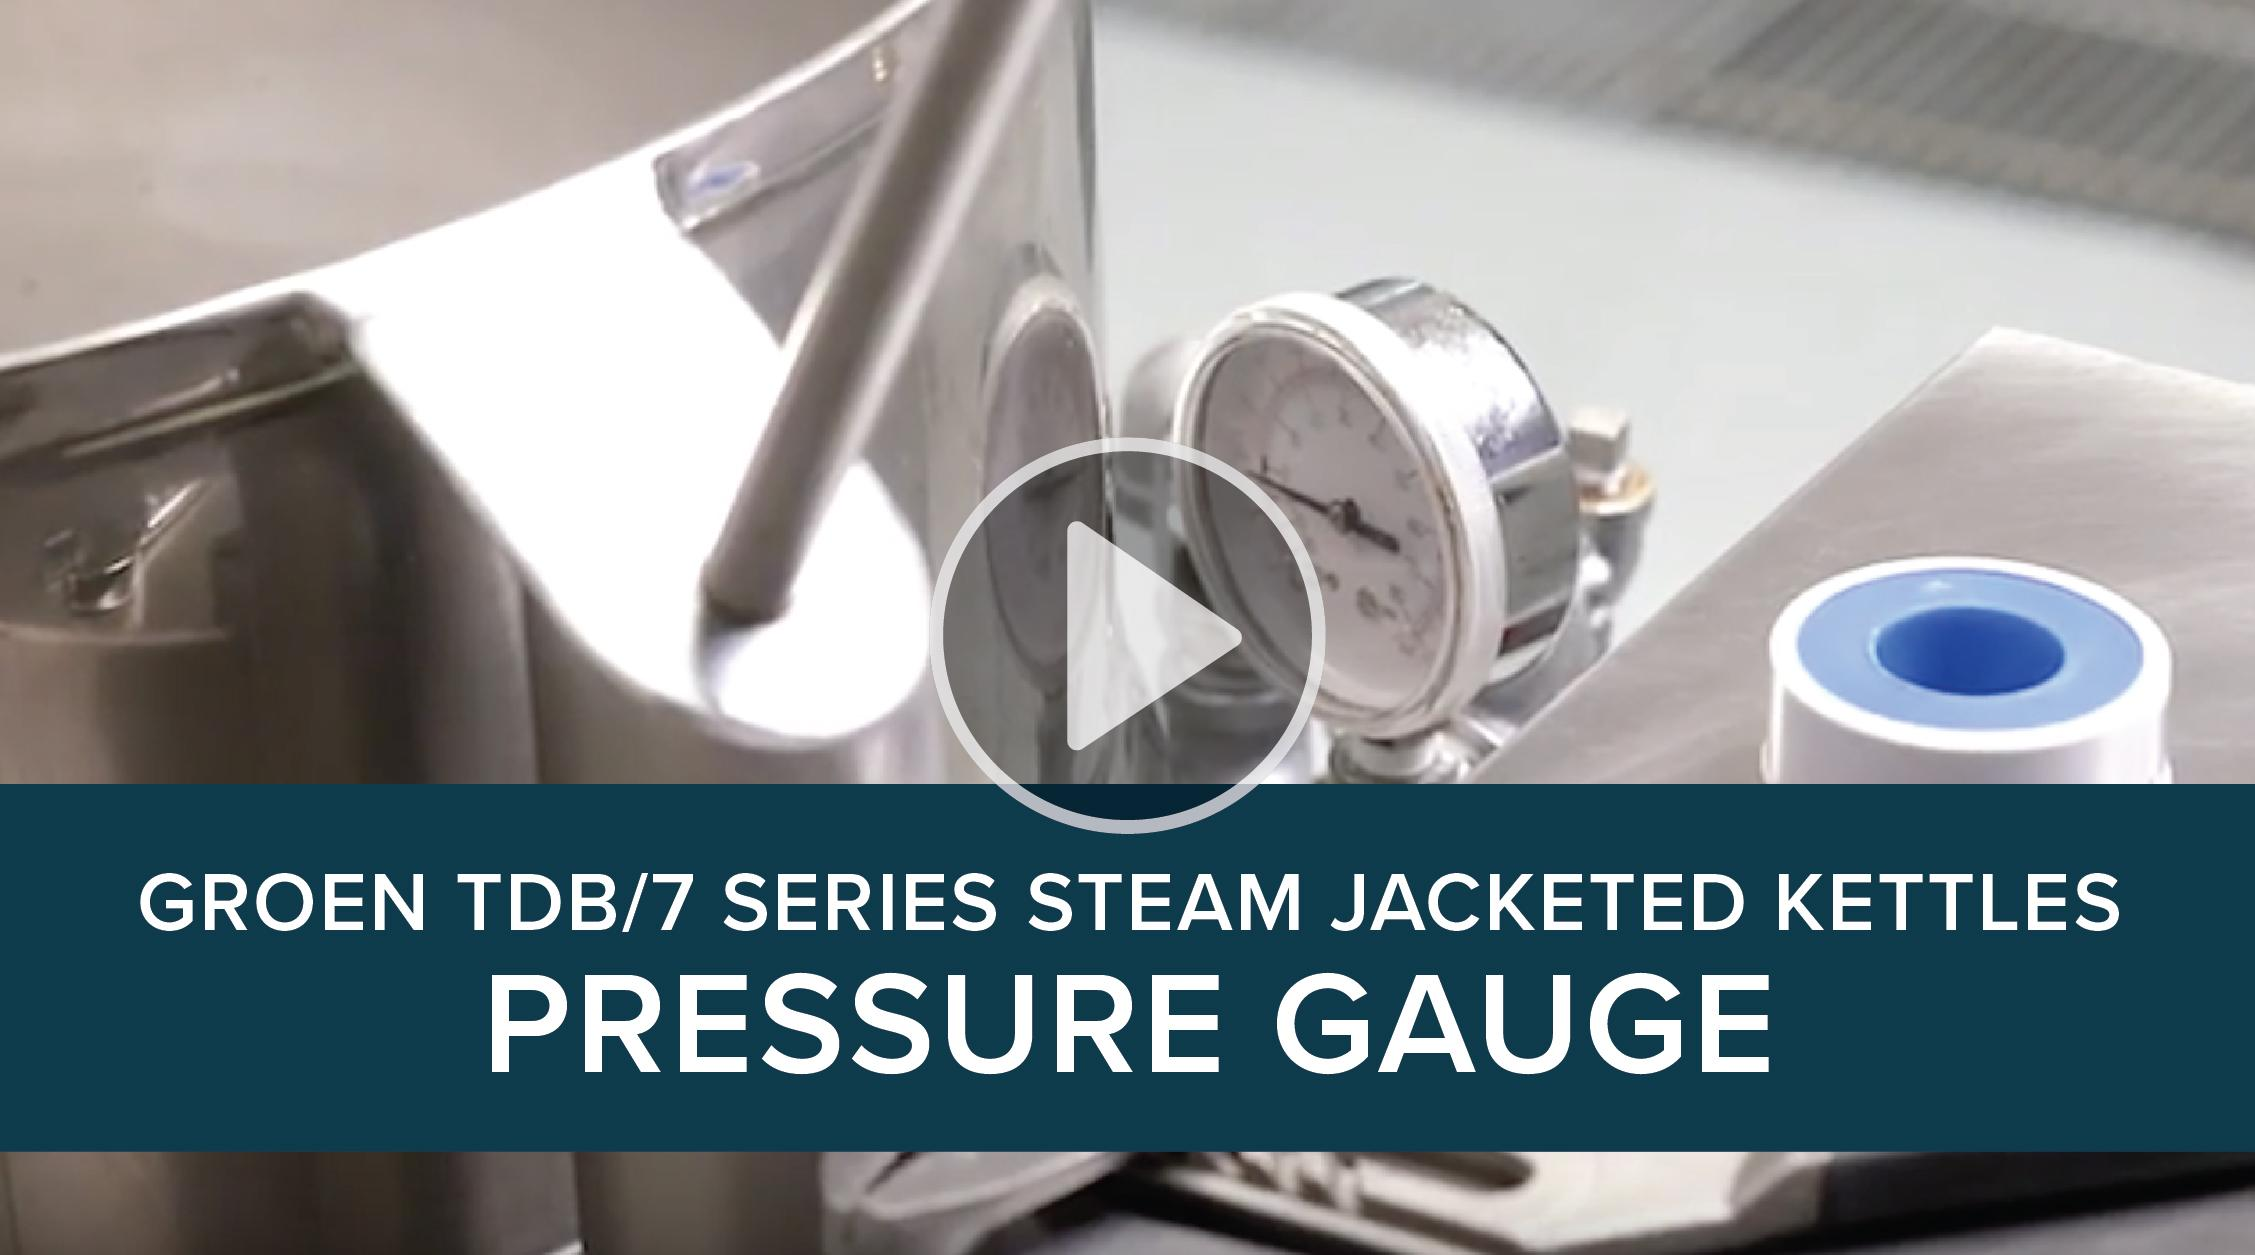 Groen TDB/7 Series Steam Jacketed Kettles Pressure Gauge